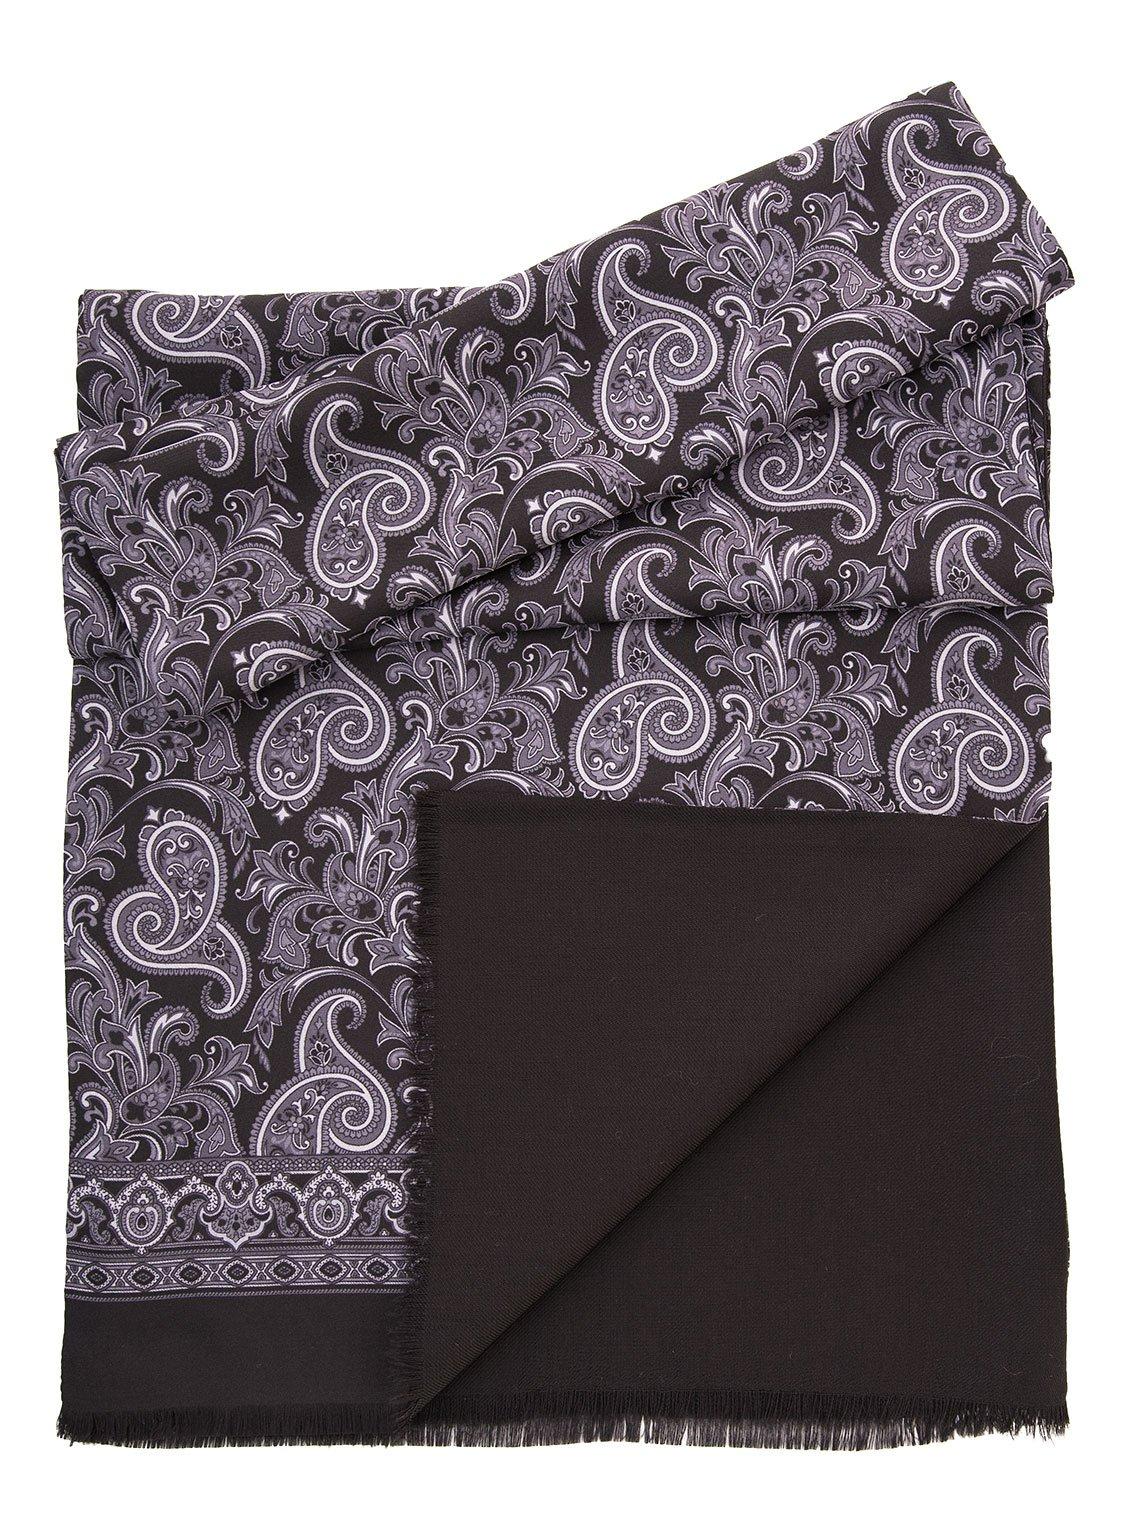 Elizabetta Men's Italian Patterned Silk Wool Lined Reversible Scarves (Siena Grey/Black)